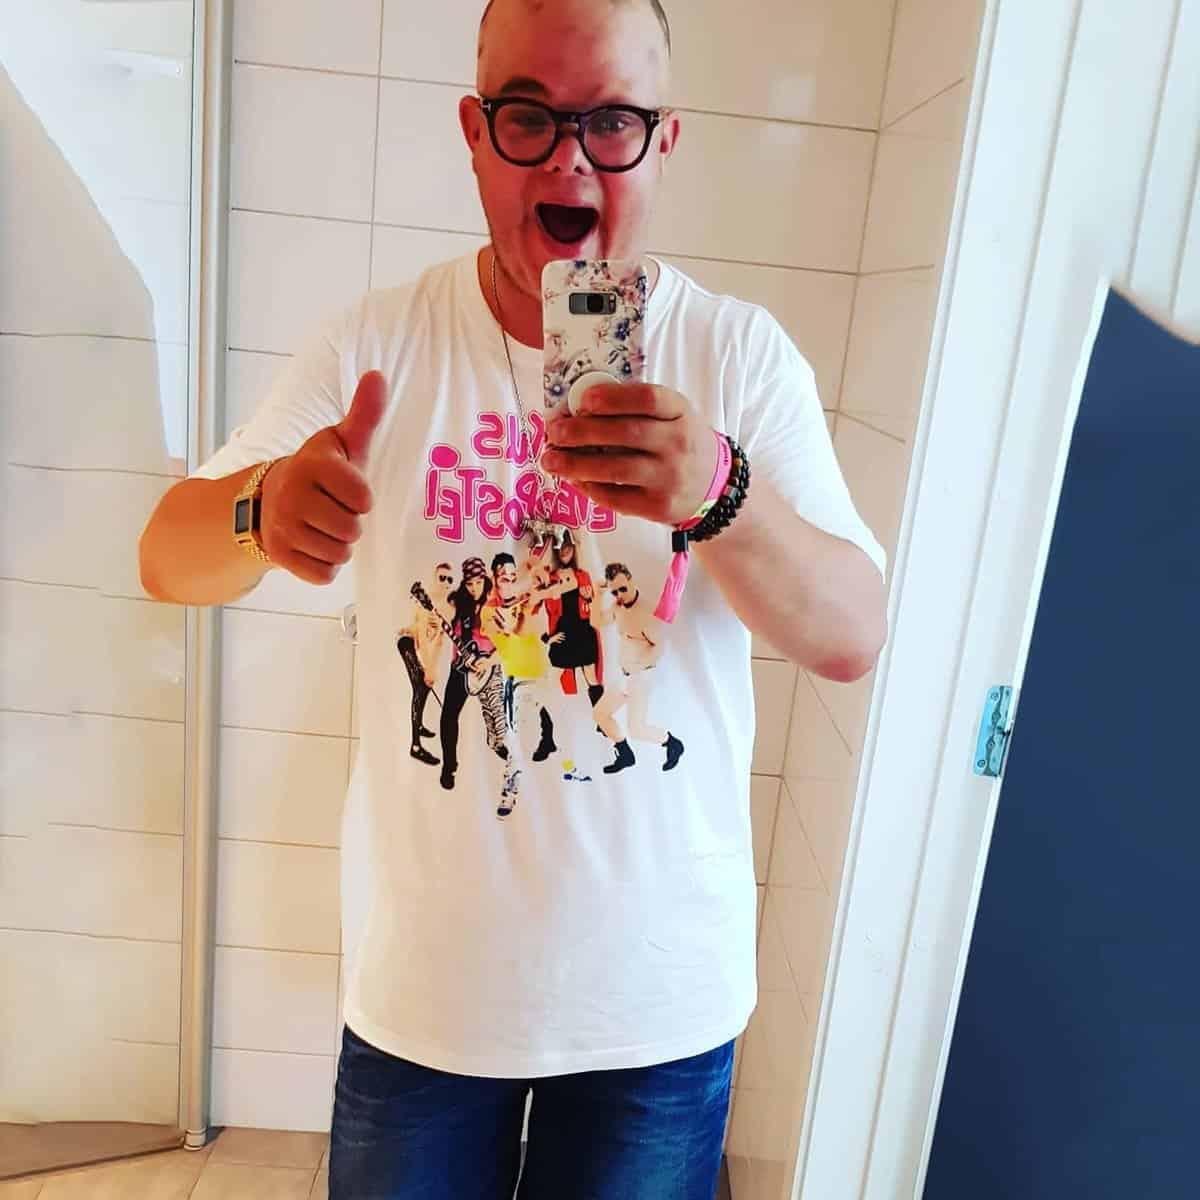 Luxus Leverpostei | Hvit t skjorte med band motiv | RiffRaff.no